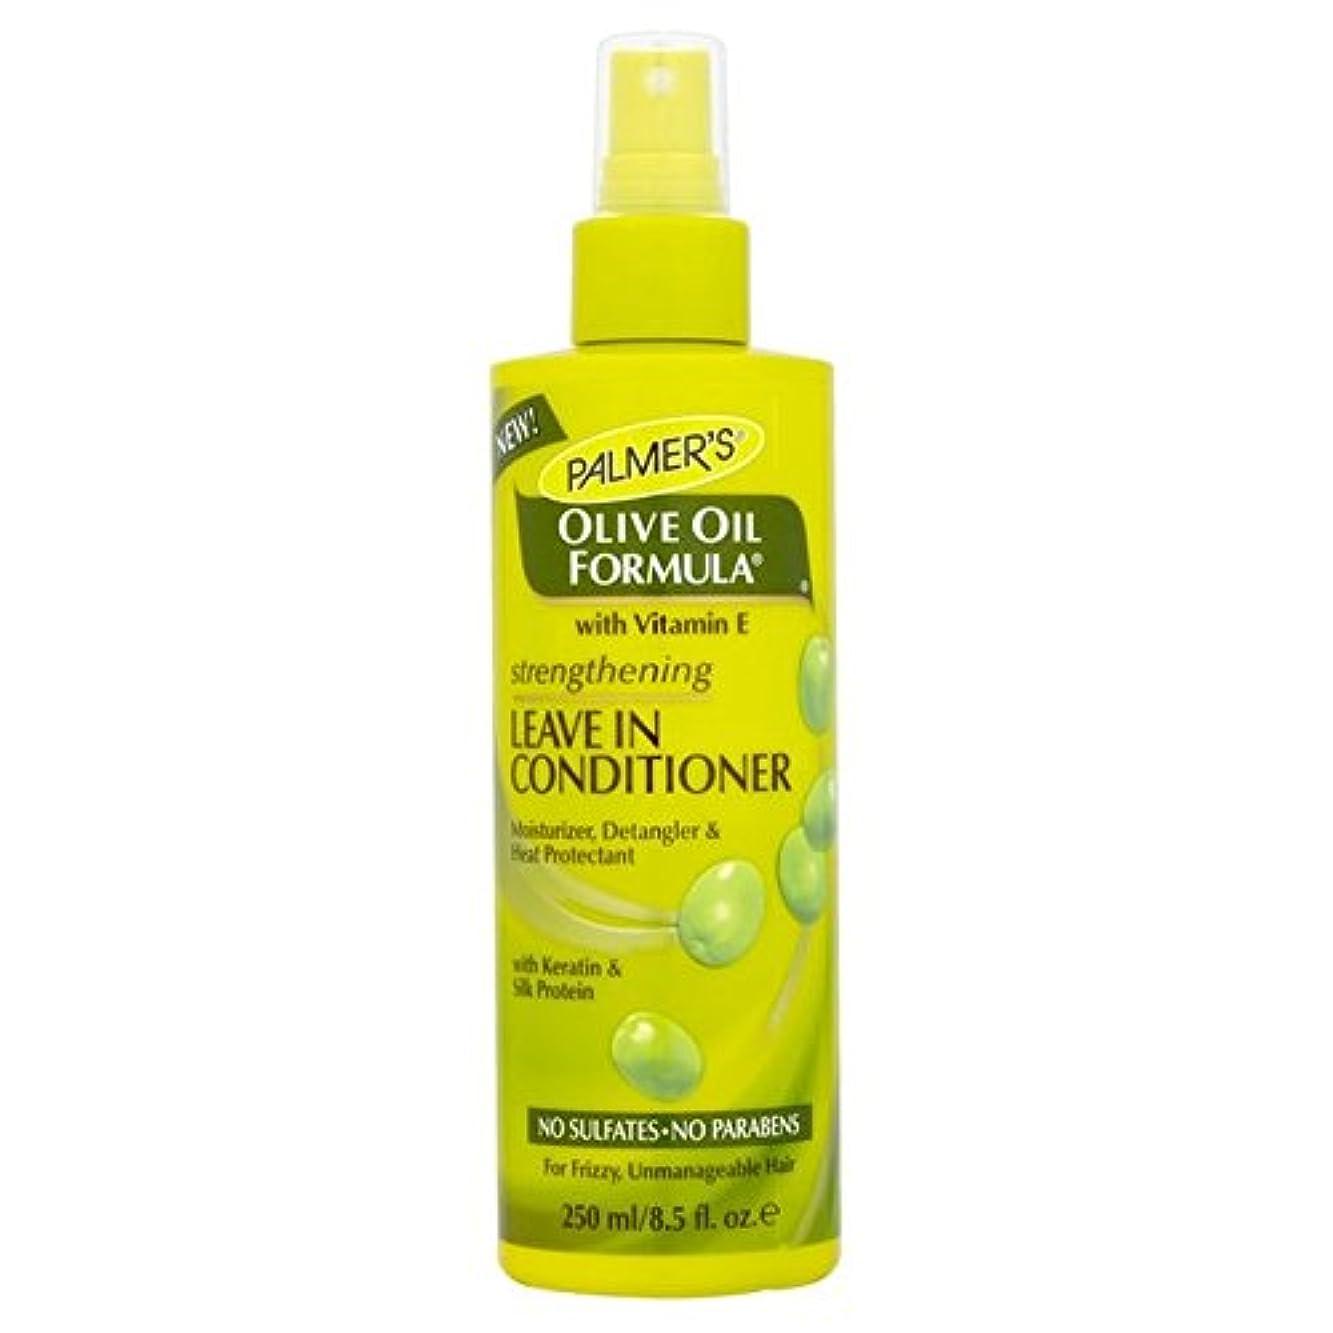 今経済ニコチンPalmer's Olive Oil Formula Strengthening Leave-in Conditioner 250ml (Pack of 6) - リーブインコンディショナー250を強化パーマーのオリーブオイル...